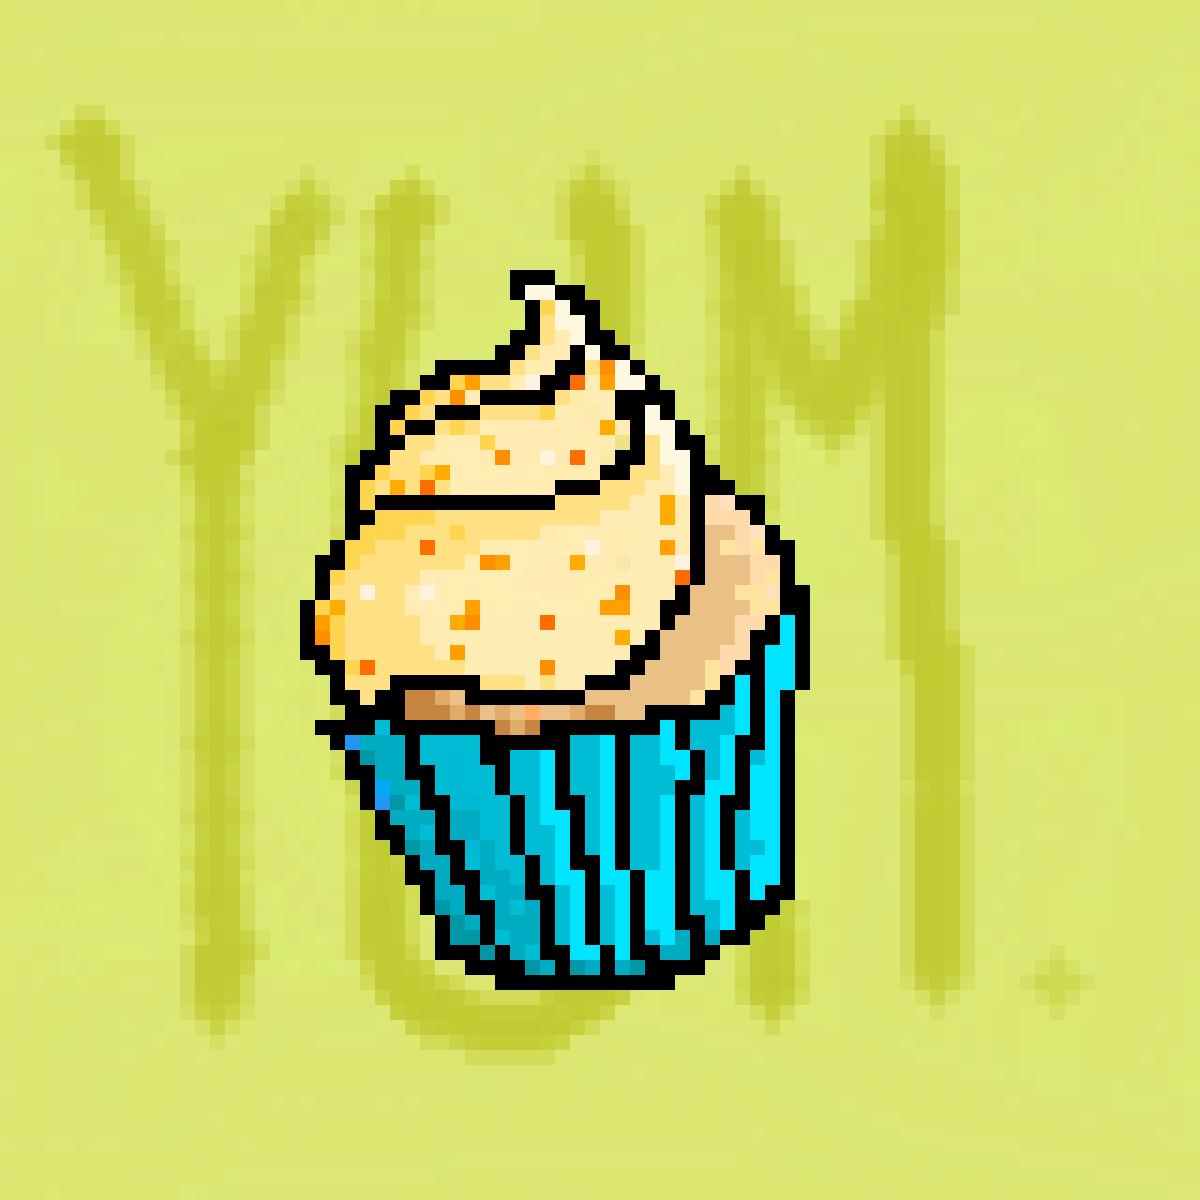 Yum, cupcake! I wanna eat ya'!  by snappyjaw